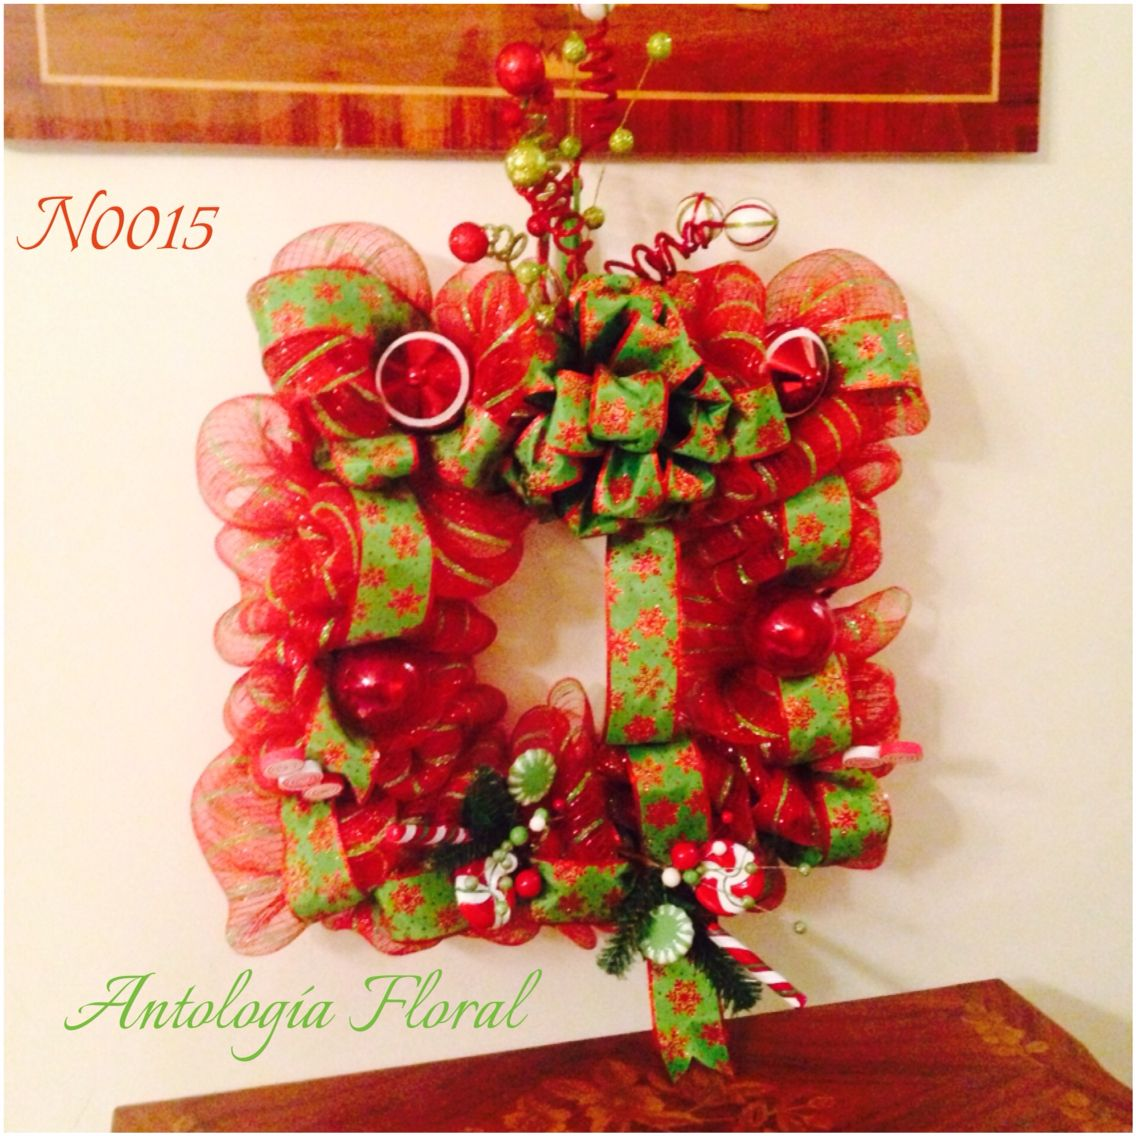 Decoraci n navide a para puerta o pared en forma de marco for Decoracion navidad